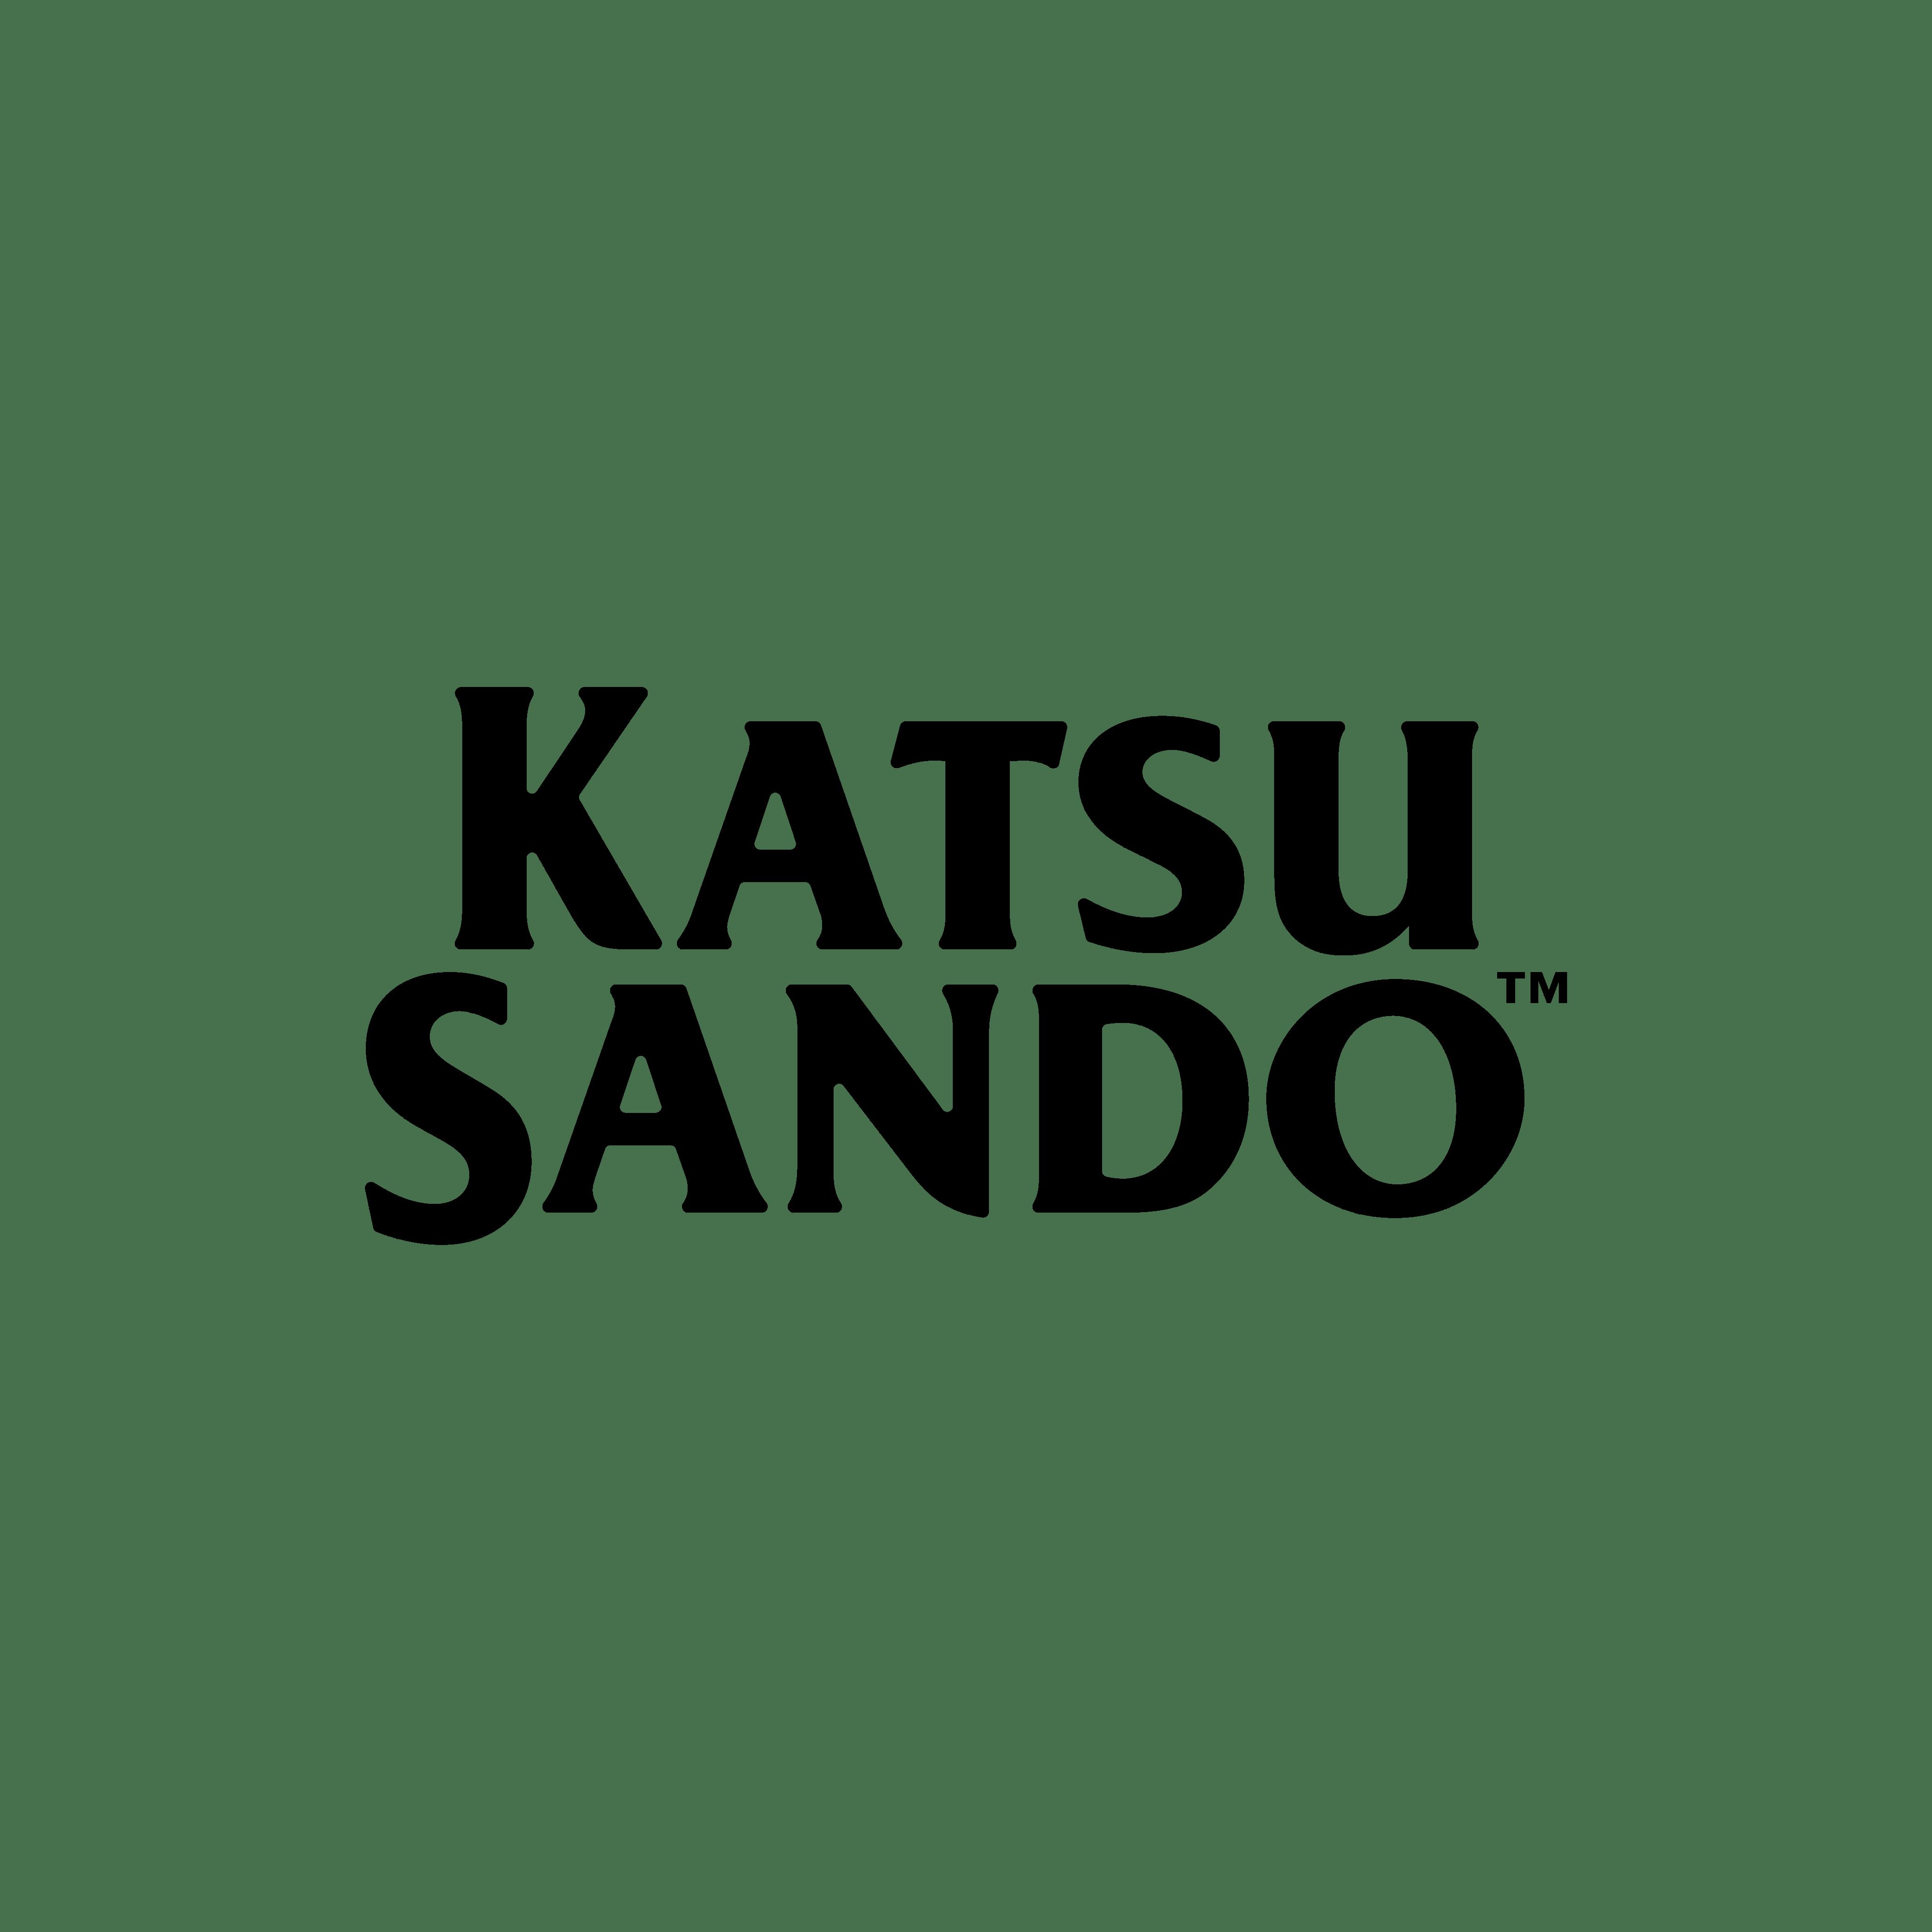 Katsu Sando